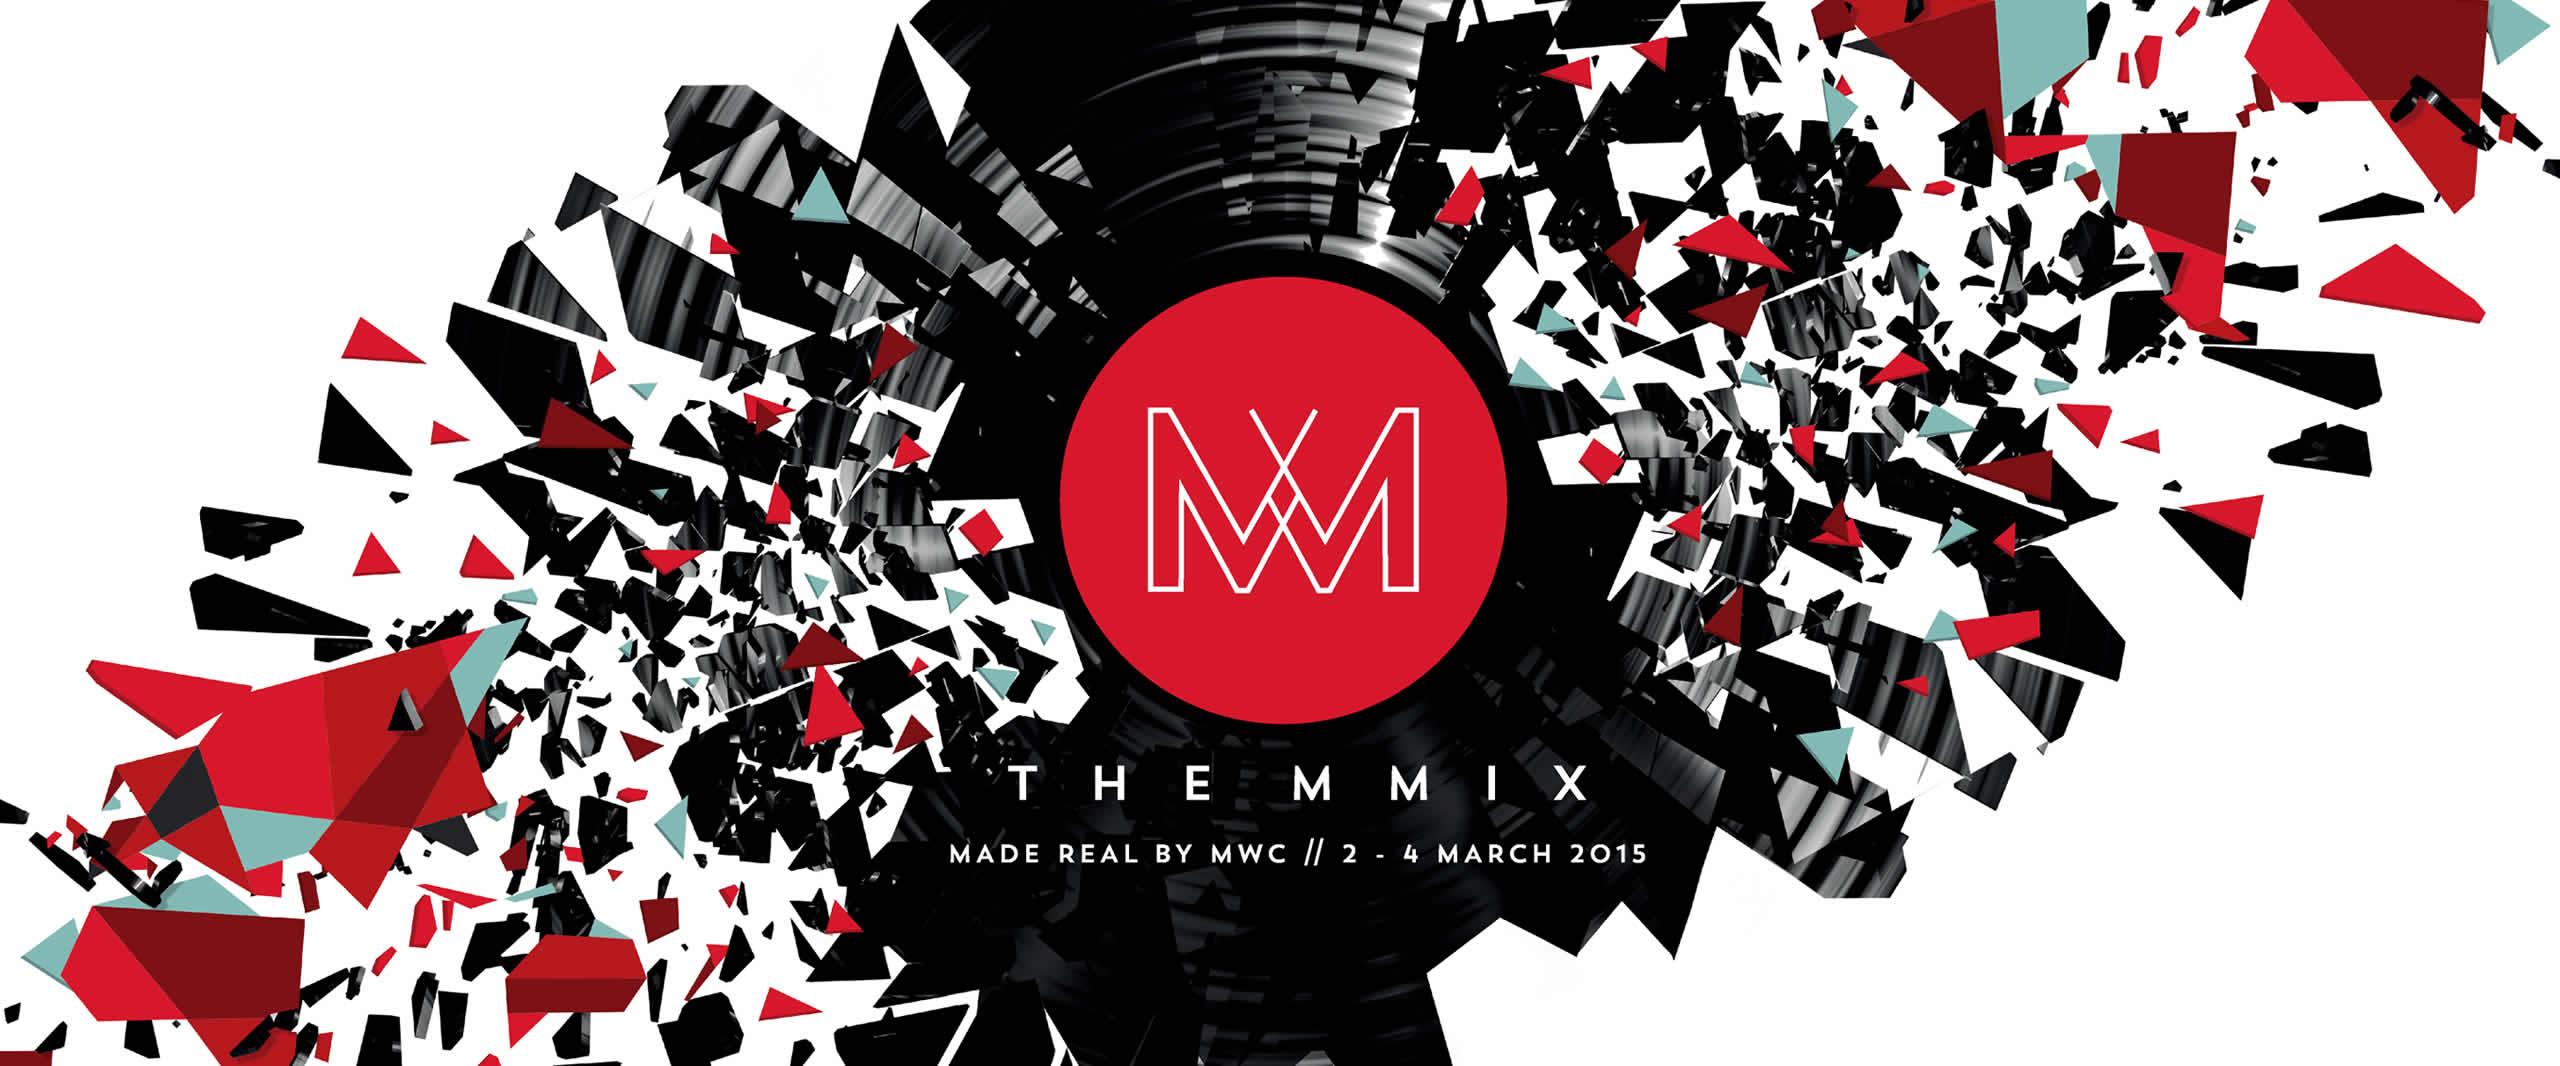 mmix mobile world congress 2015